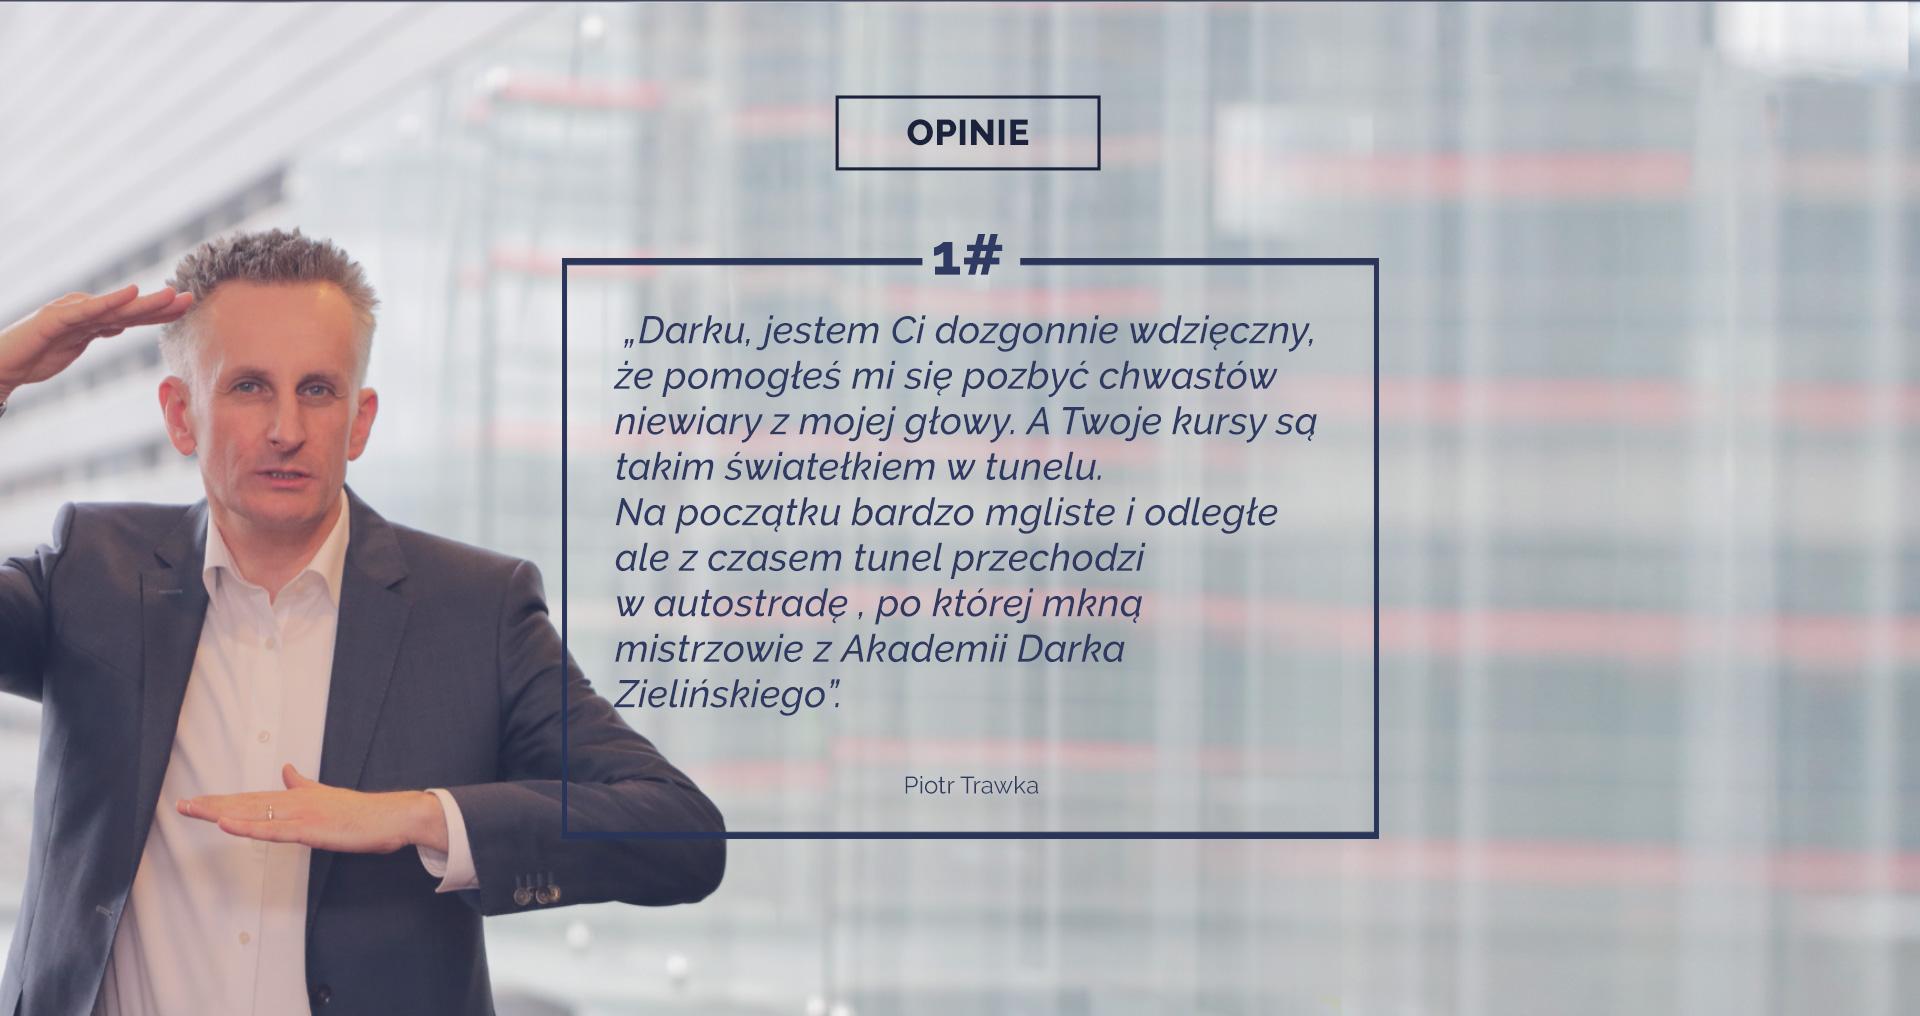 opinia1_02